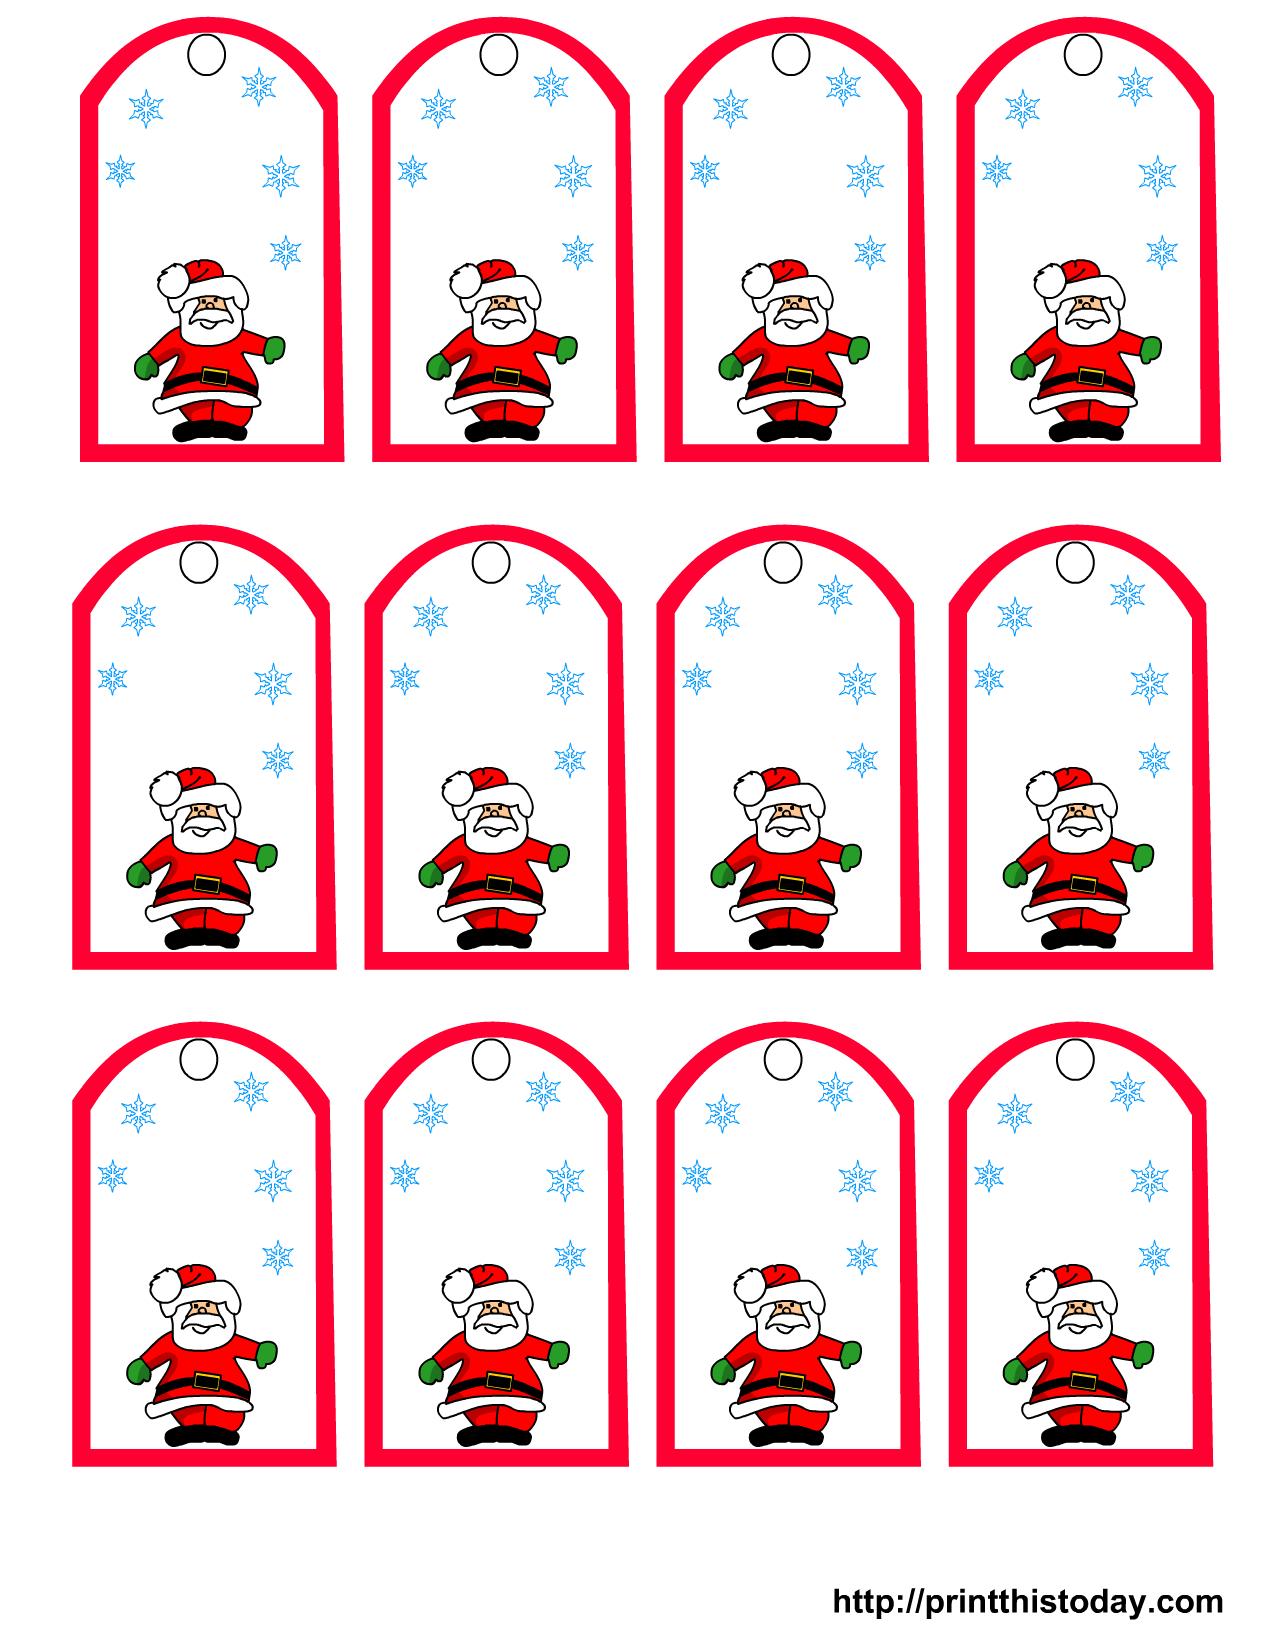 47 Free Printable Christmas Gift Tags (That You Can Edit And - Free Printable Christmas Tags Templates